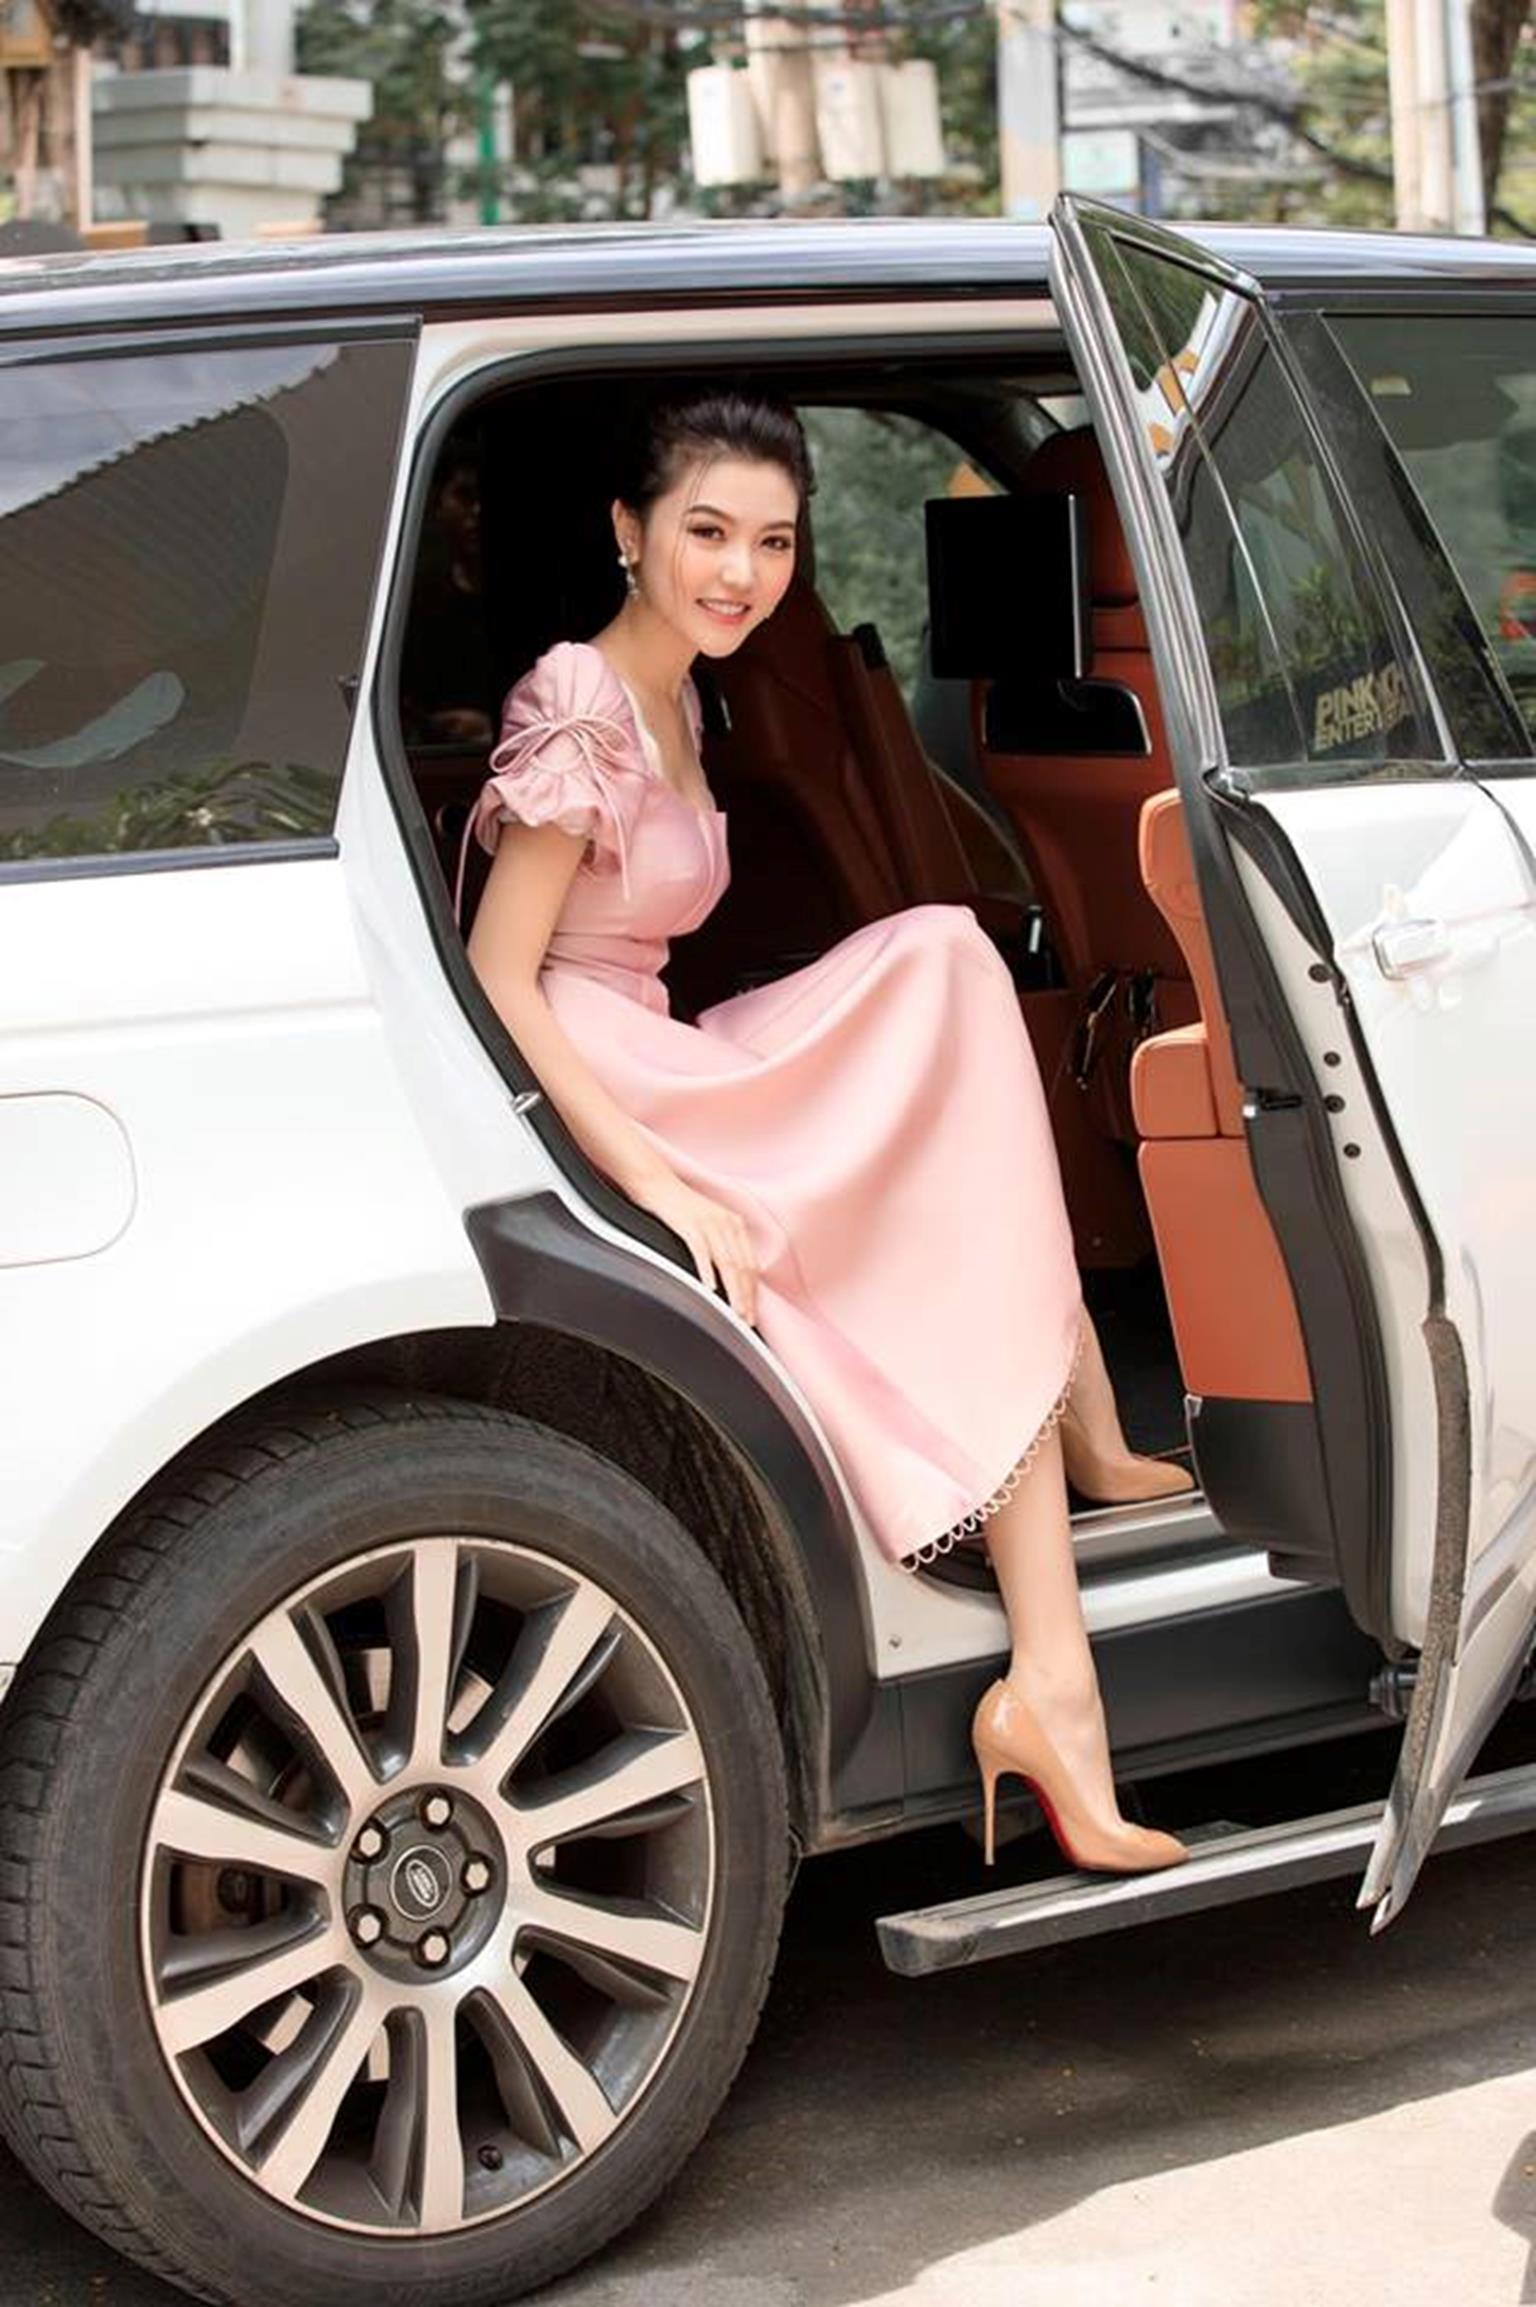 Mỹ nữ Vũng Tàu đi xe 70 tỷ mặc đẹp tựa công chúa gây thương nhớ-8